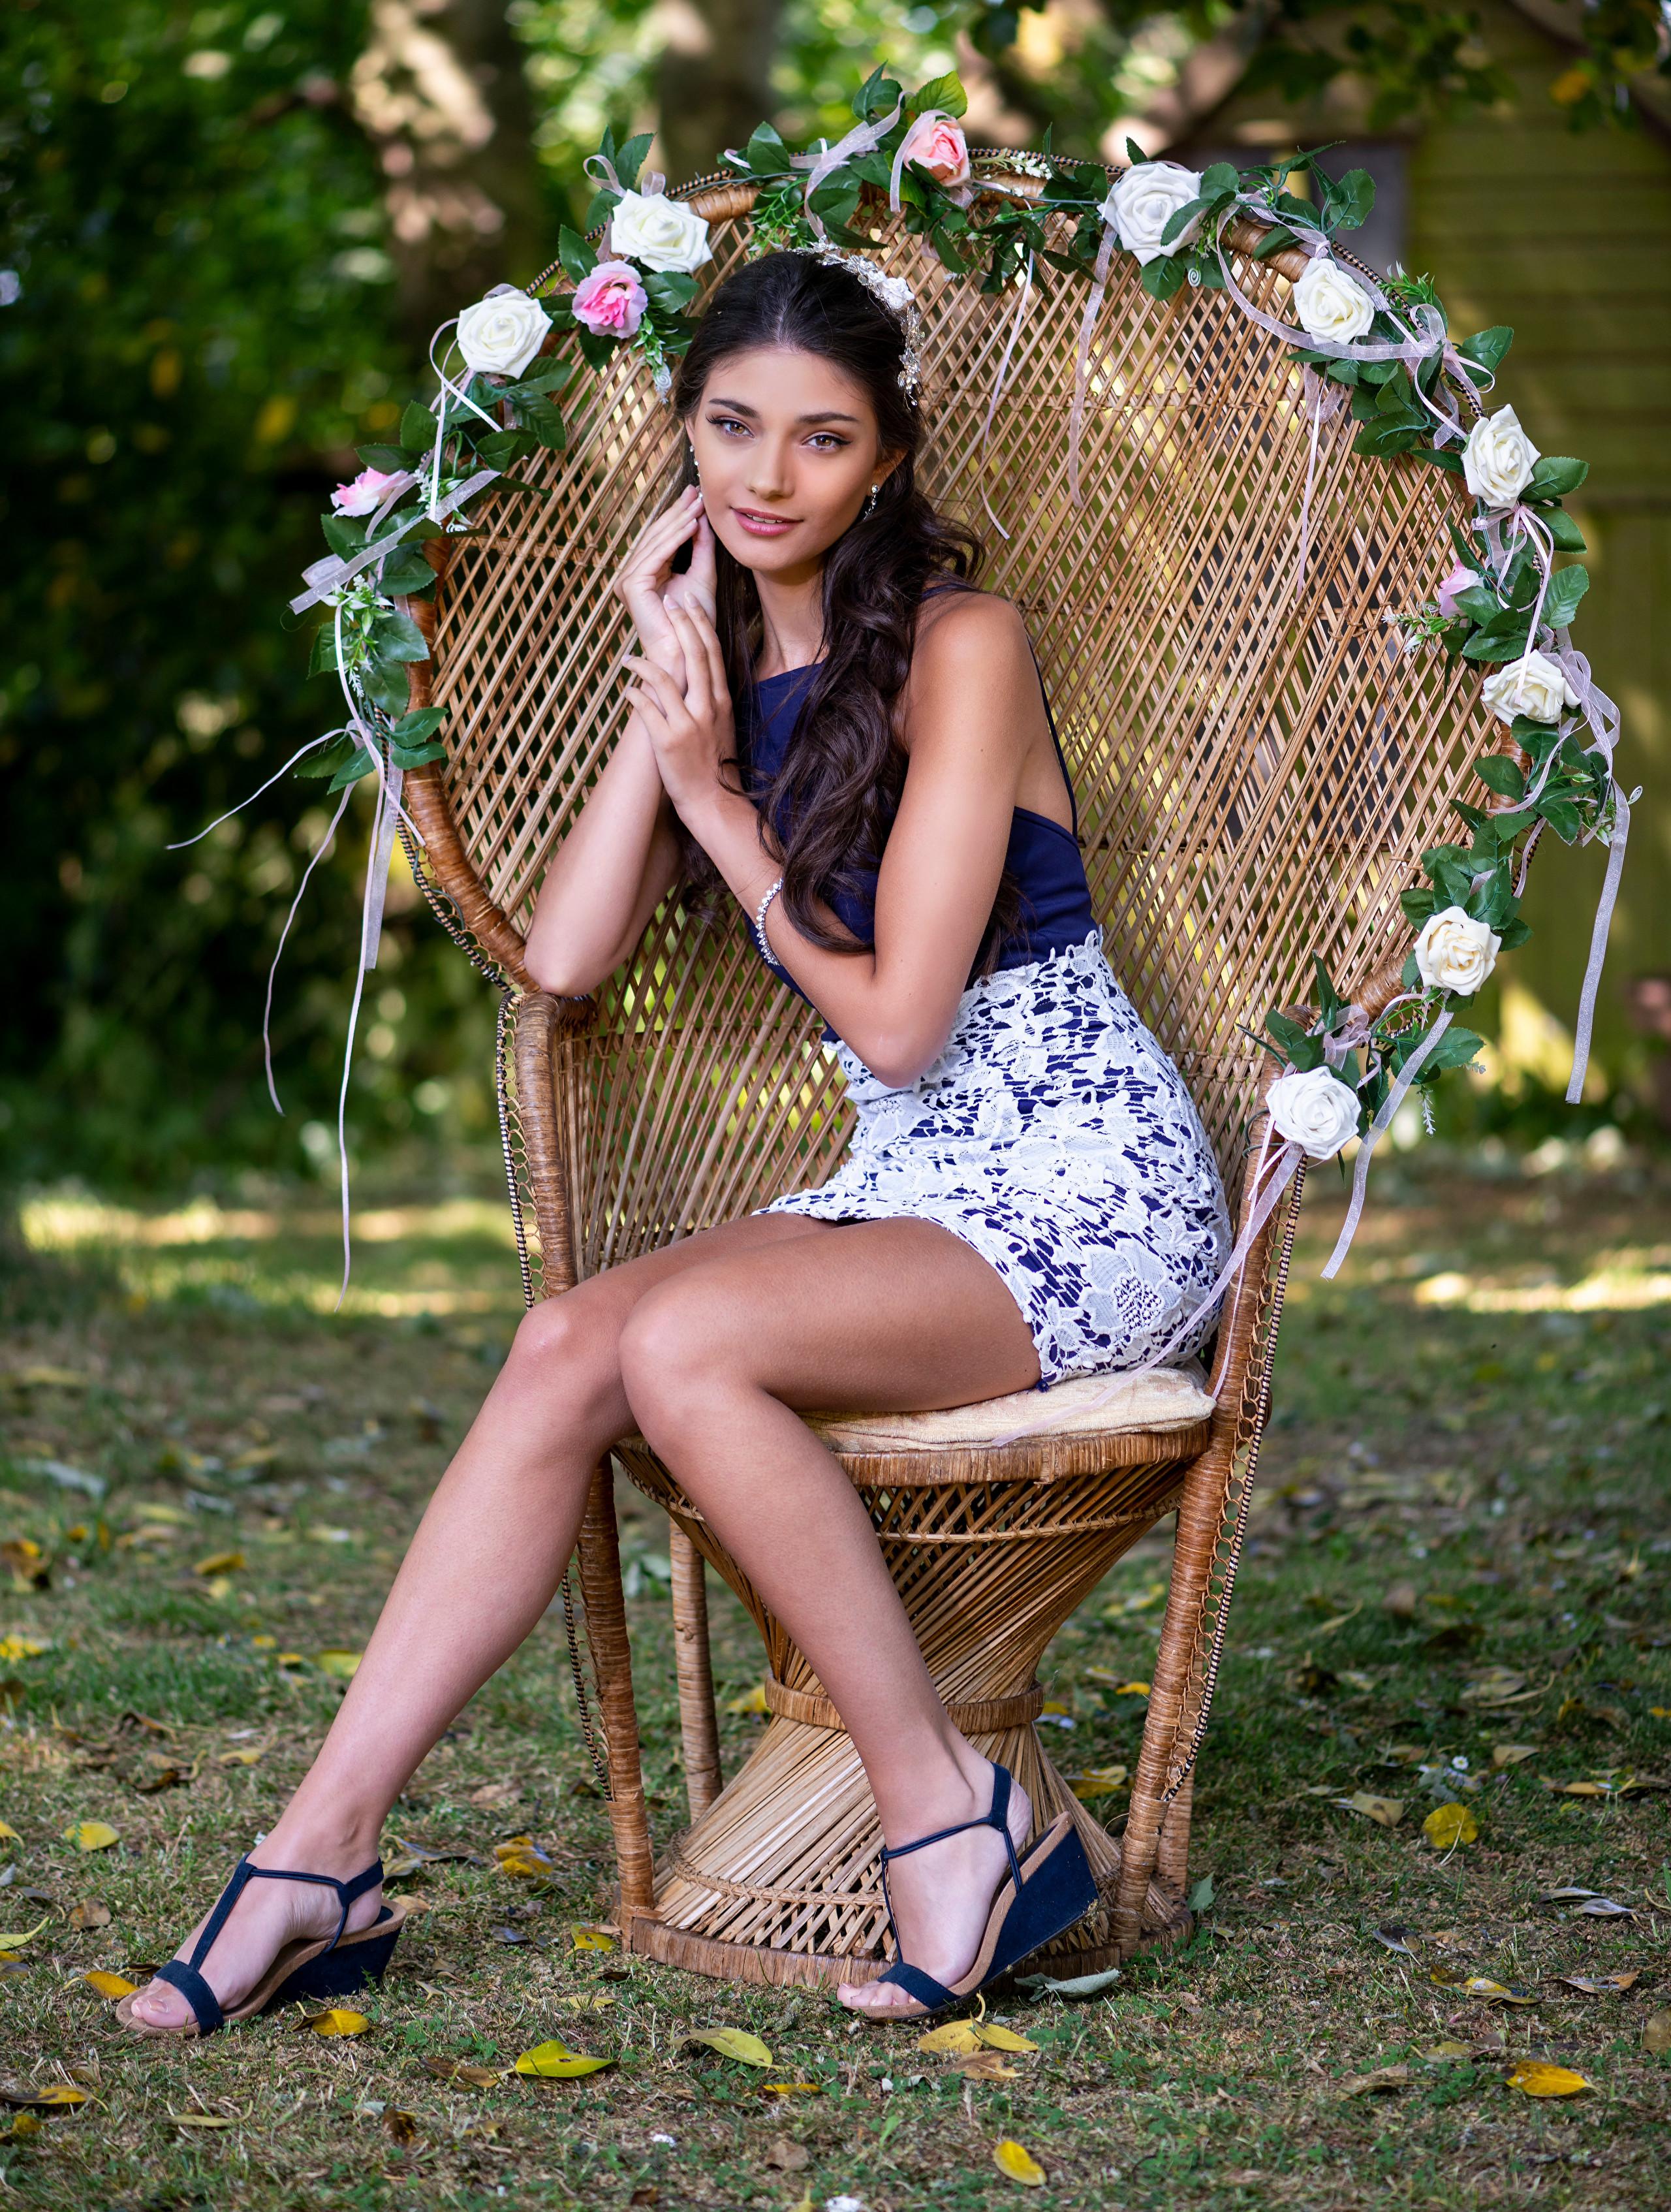 Фото фотомодель Elle девушка ног Сидит Кресло Взгляд 2560x3389 для мобильного телефона Модель Девушки молодая женщина молодые женщины Ноги сидя сидящие смотрит смотрят